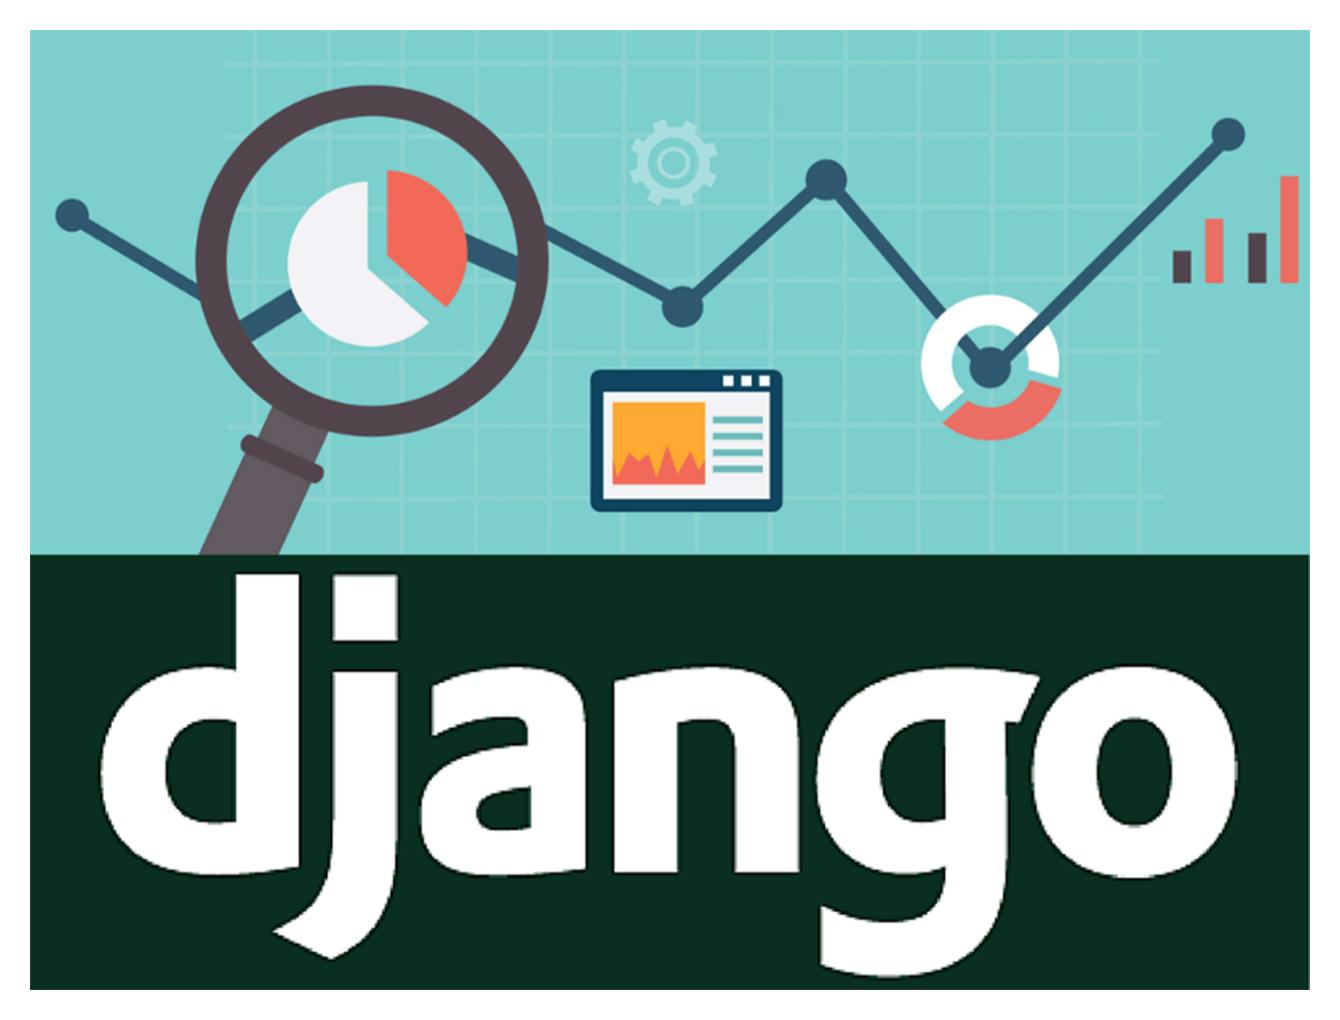 Django became the core Python framework.